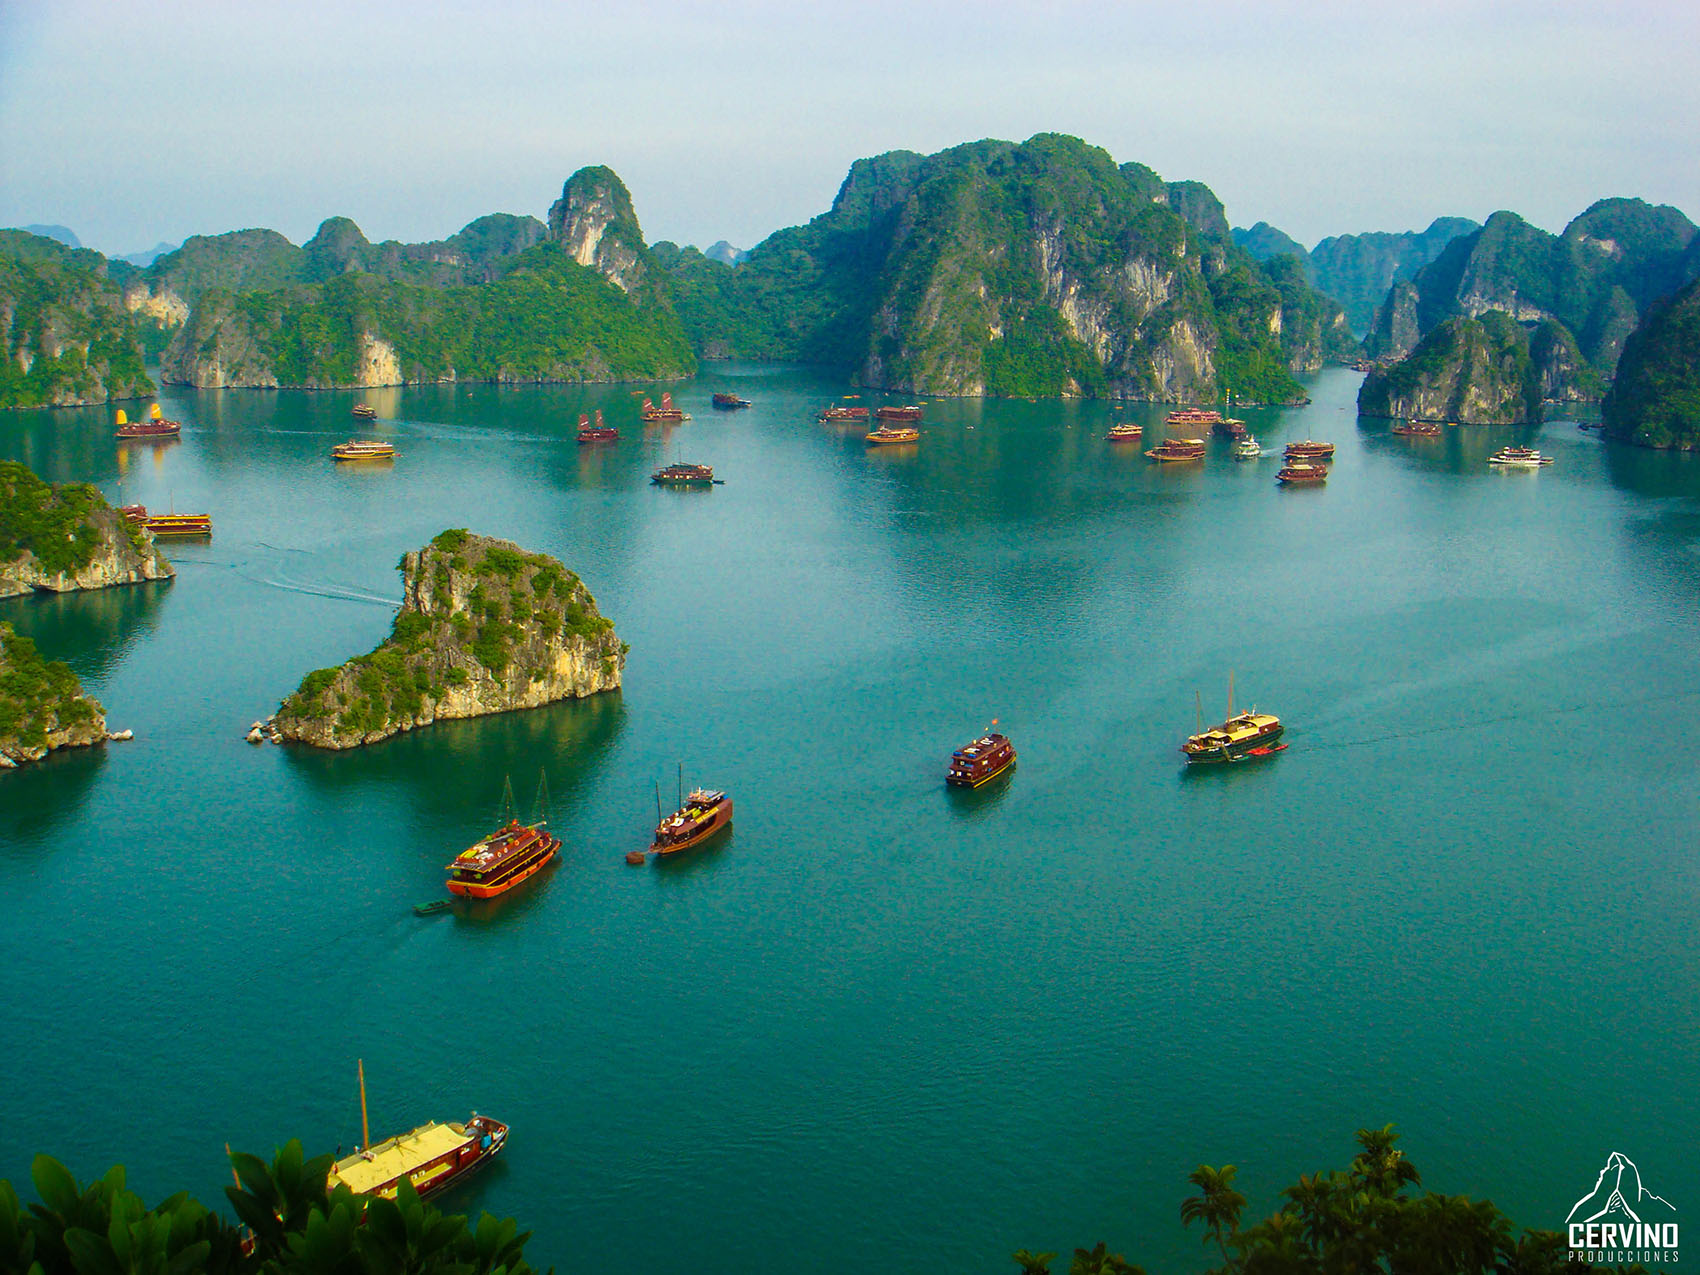 Portfolio_Cervino_2009_ Vietnam_01